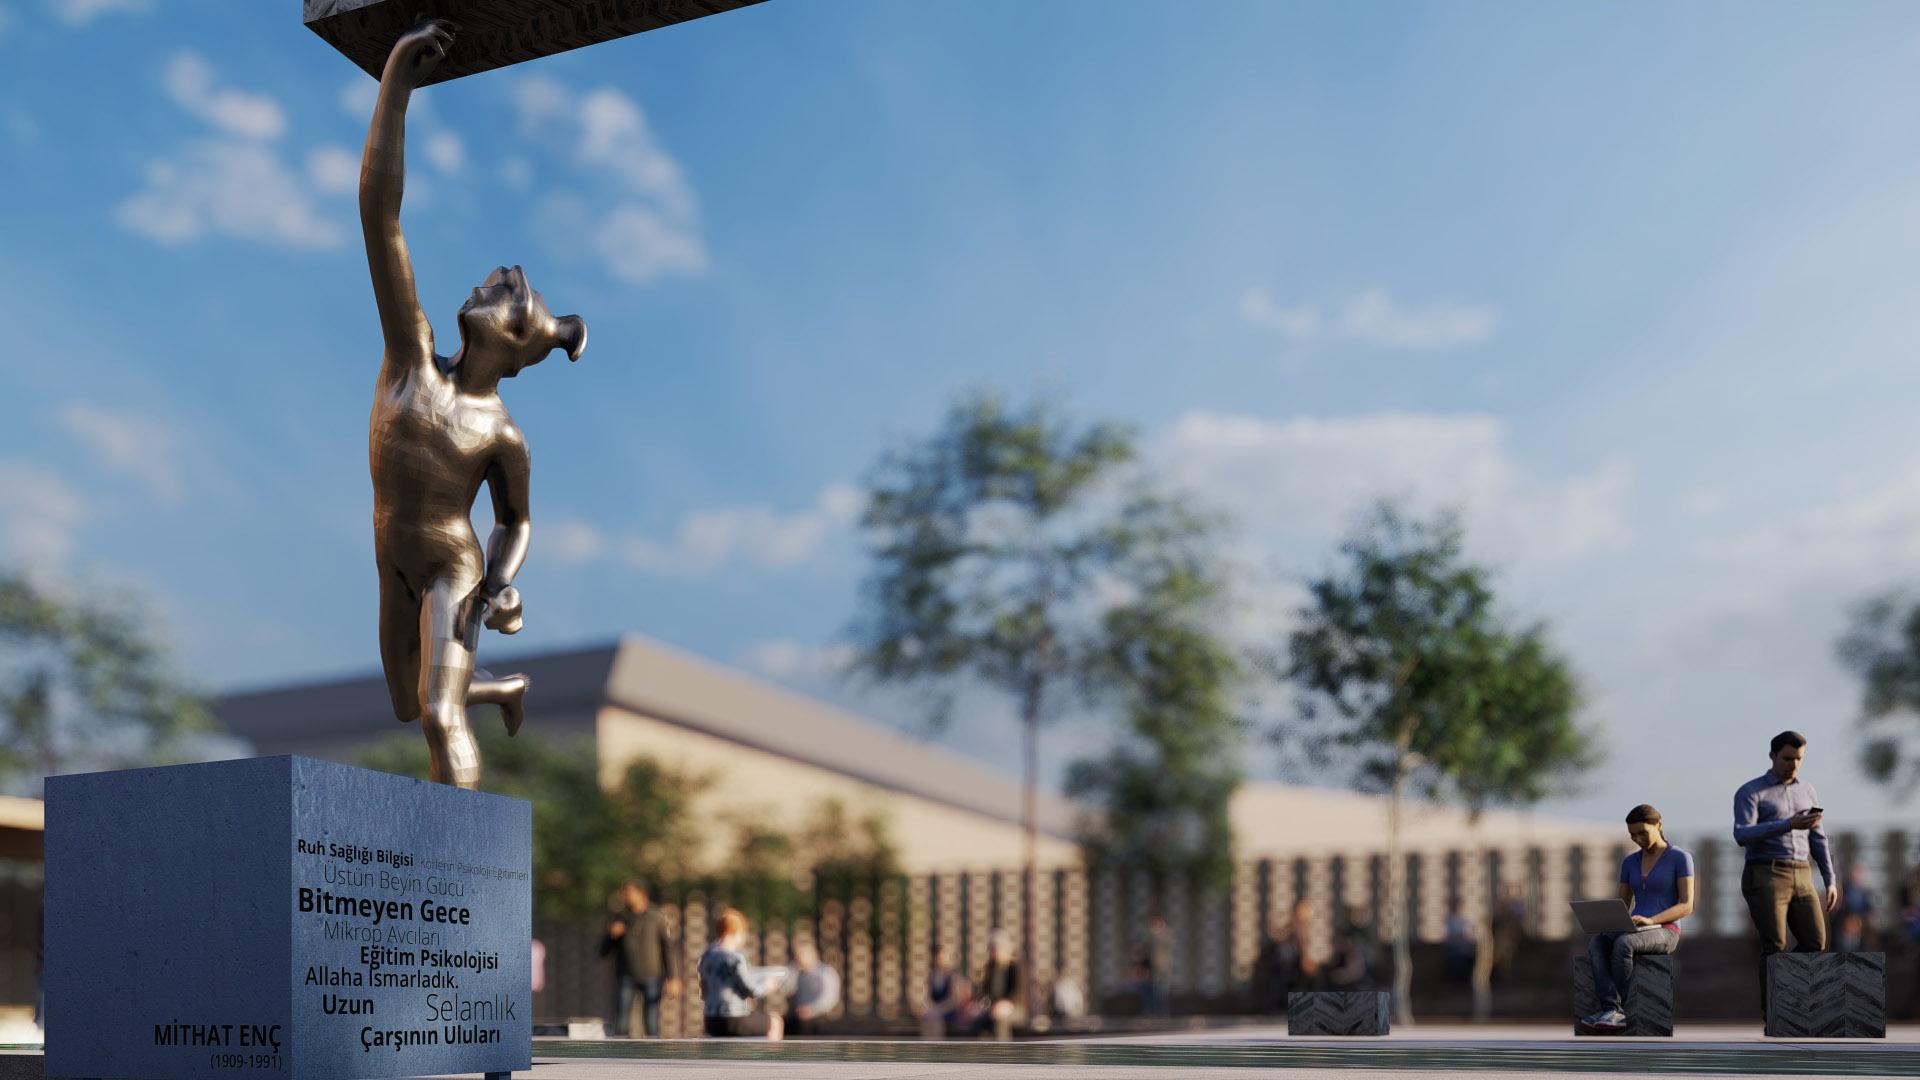 Meydanı Tanımlayan Heykel ve Bellek Oturma Birimleri